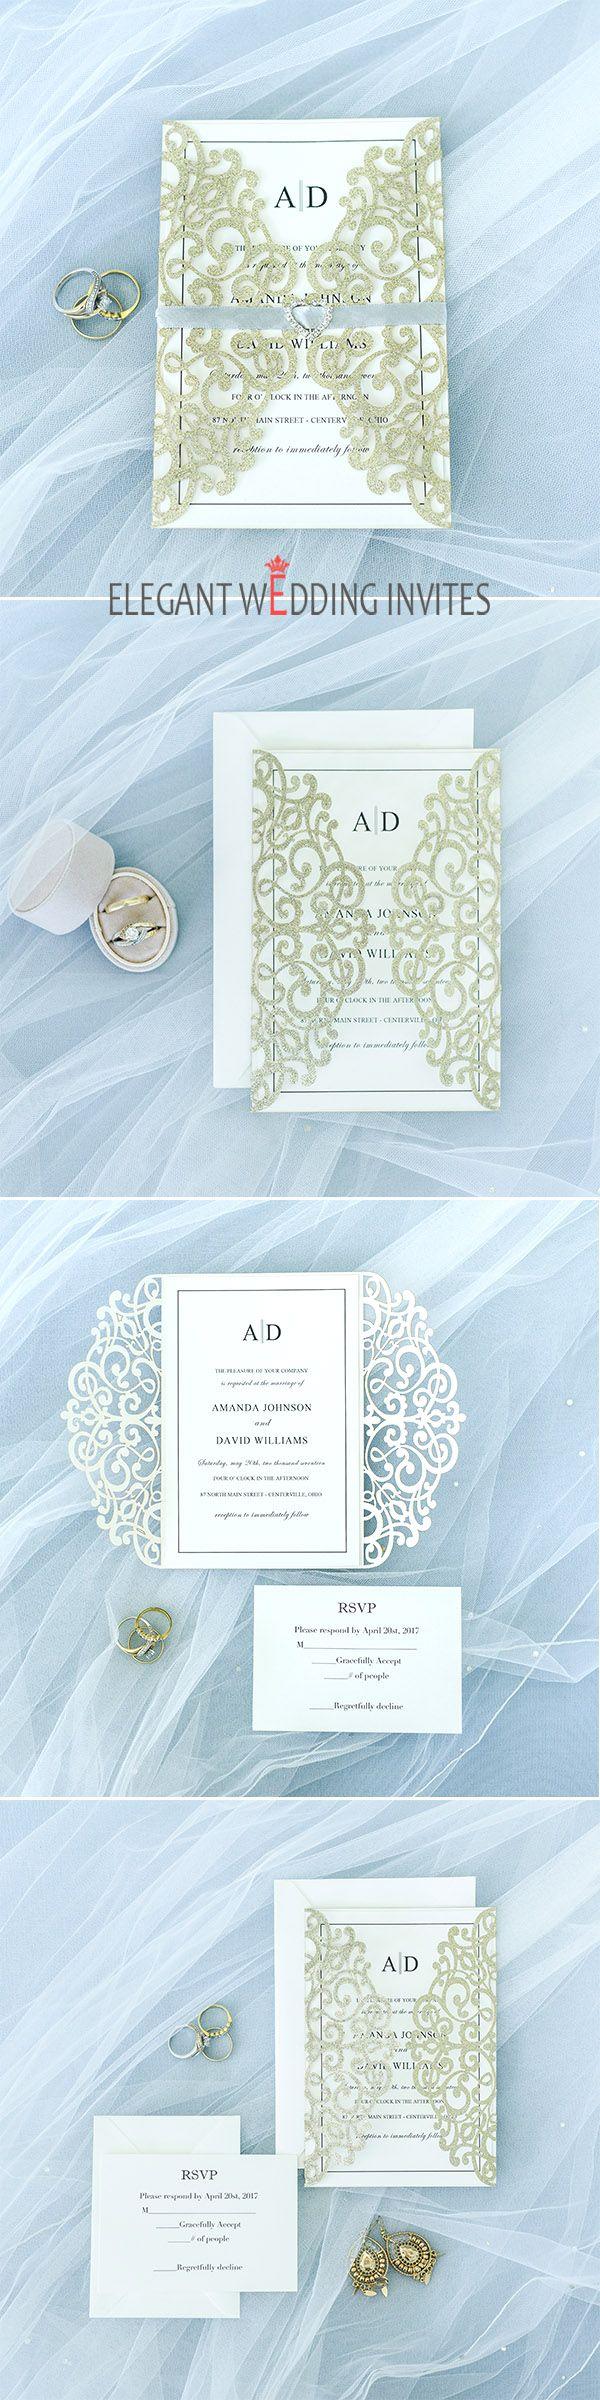 100 Rhinestone Buckle For Wedding Invitations